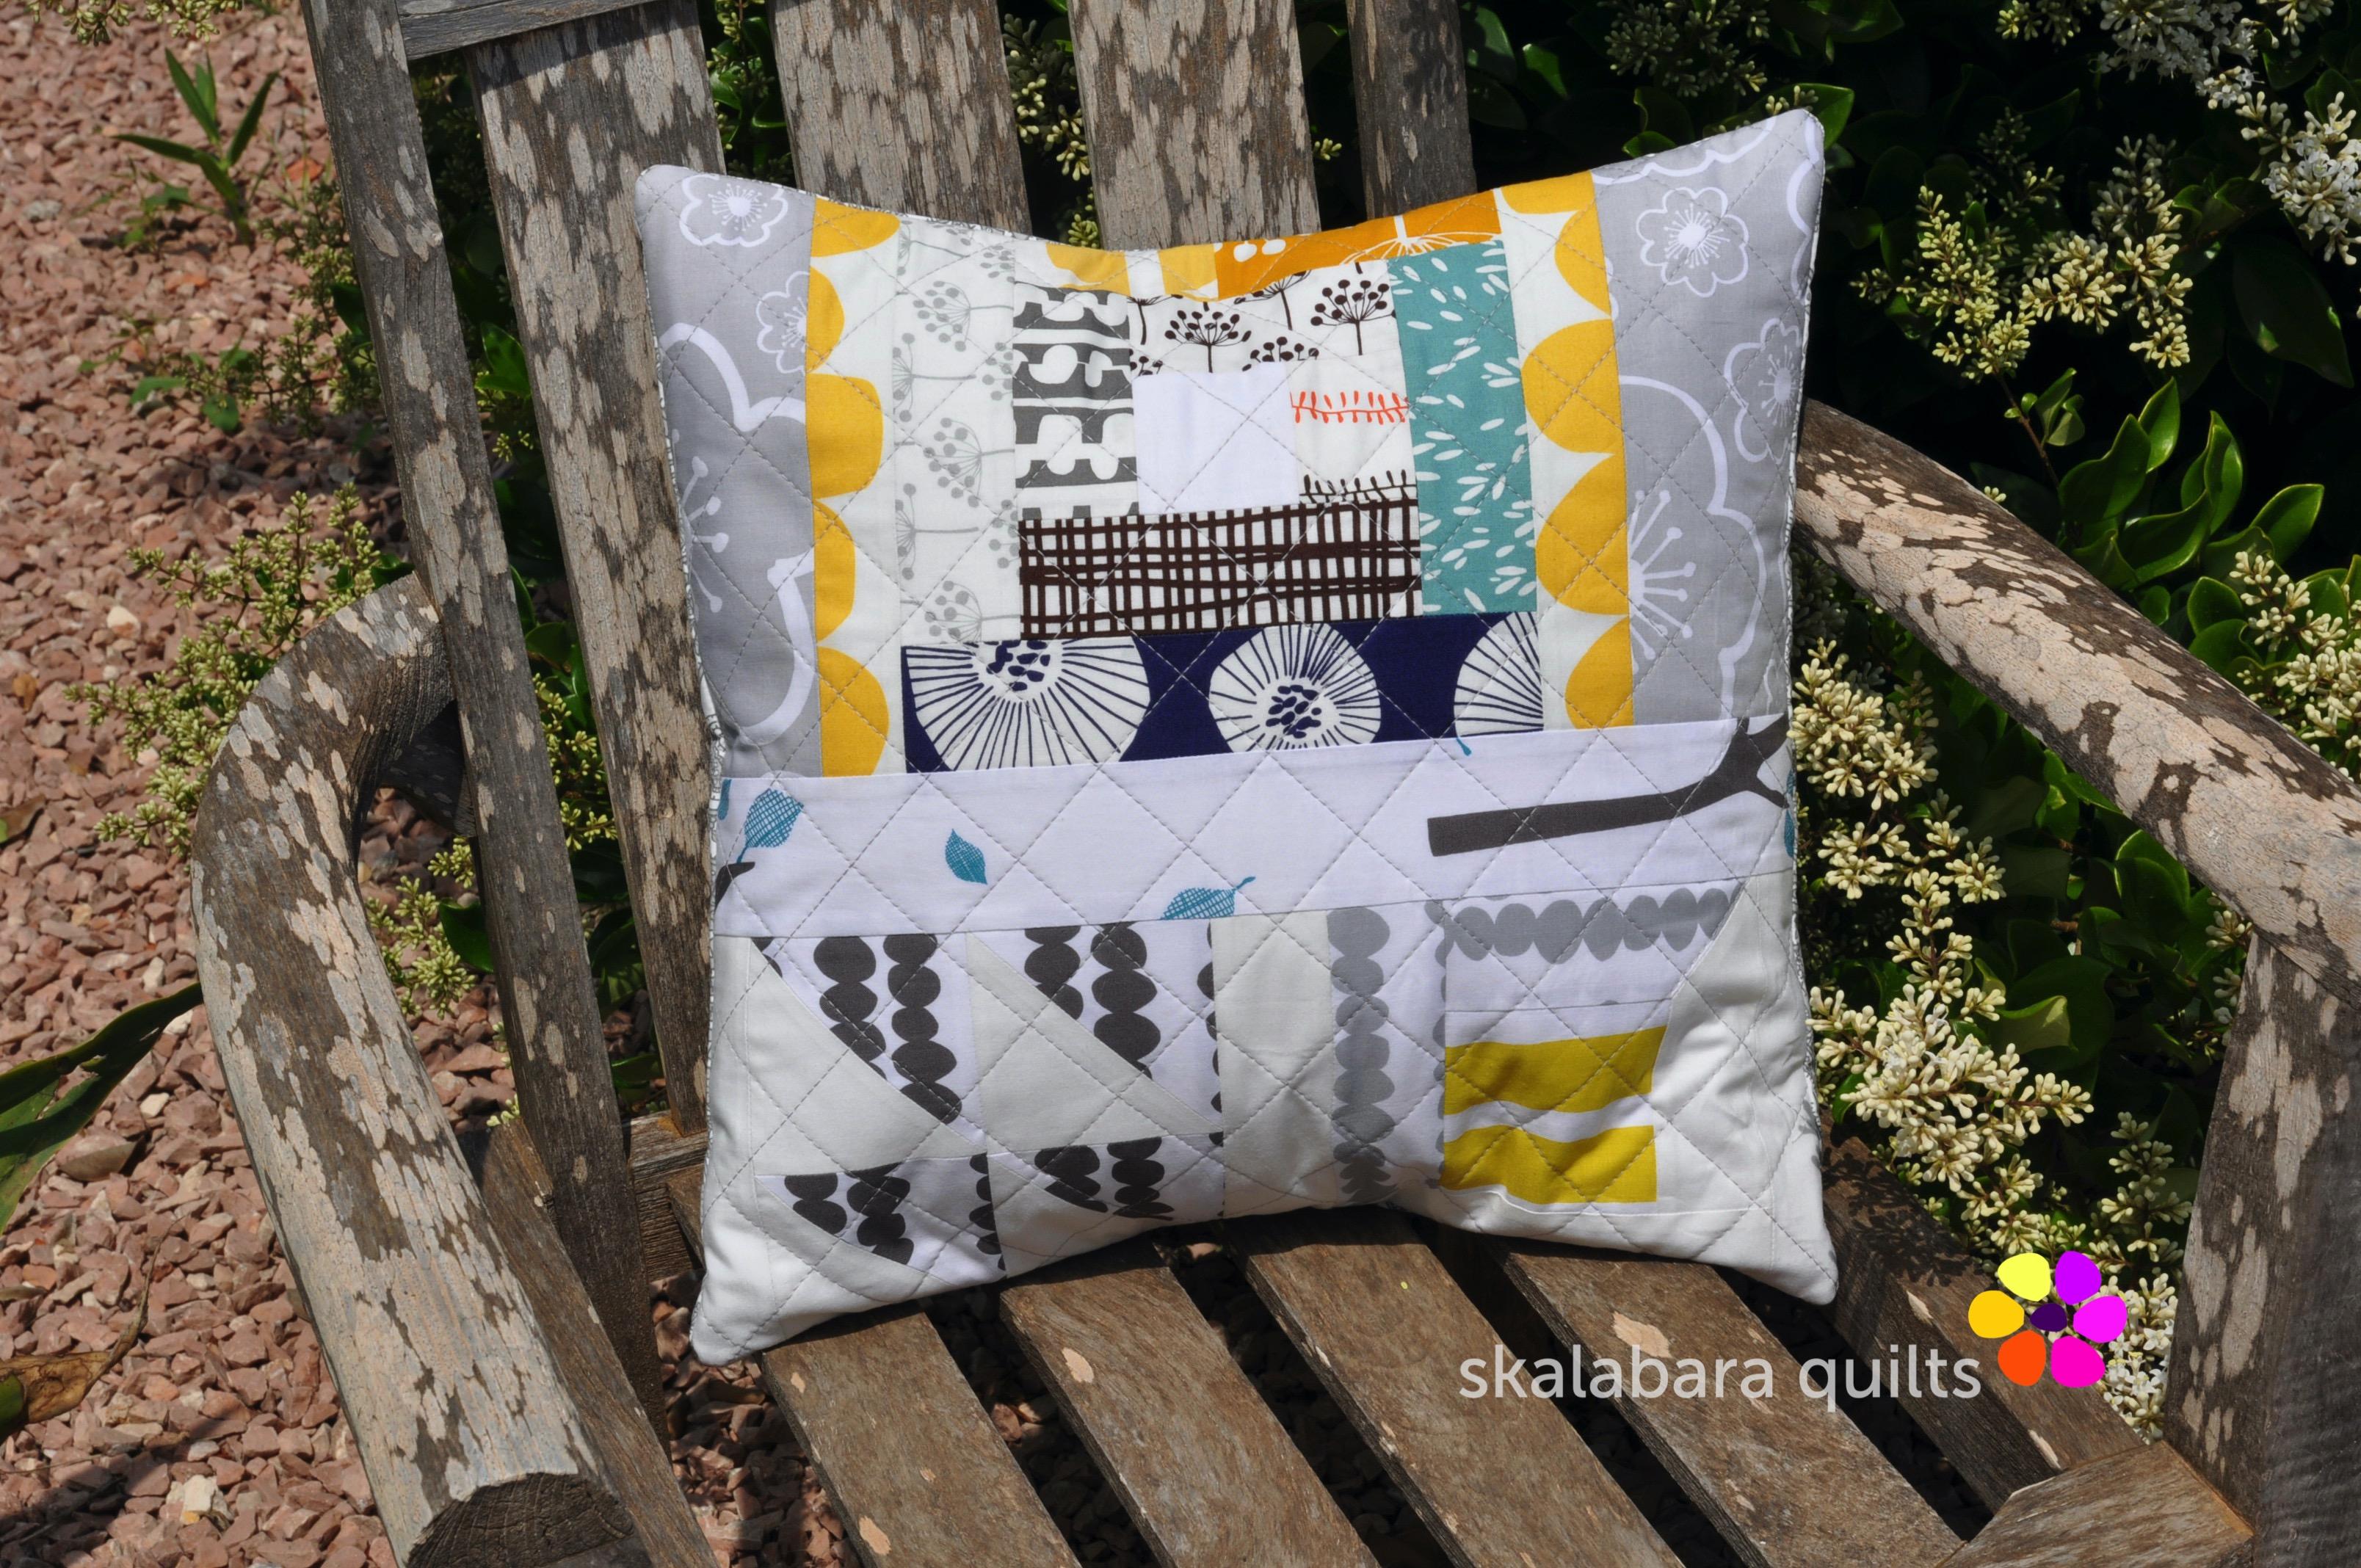 bella cushion cover mixed pattern 1 - skalabara quilts